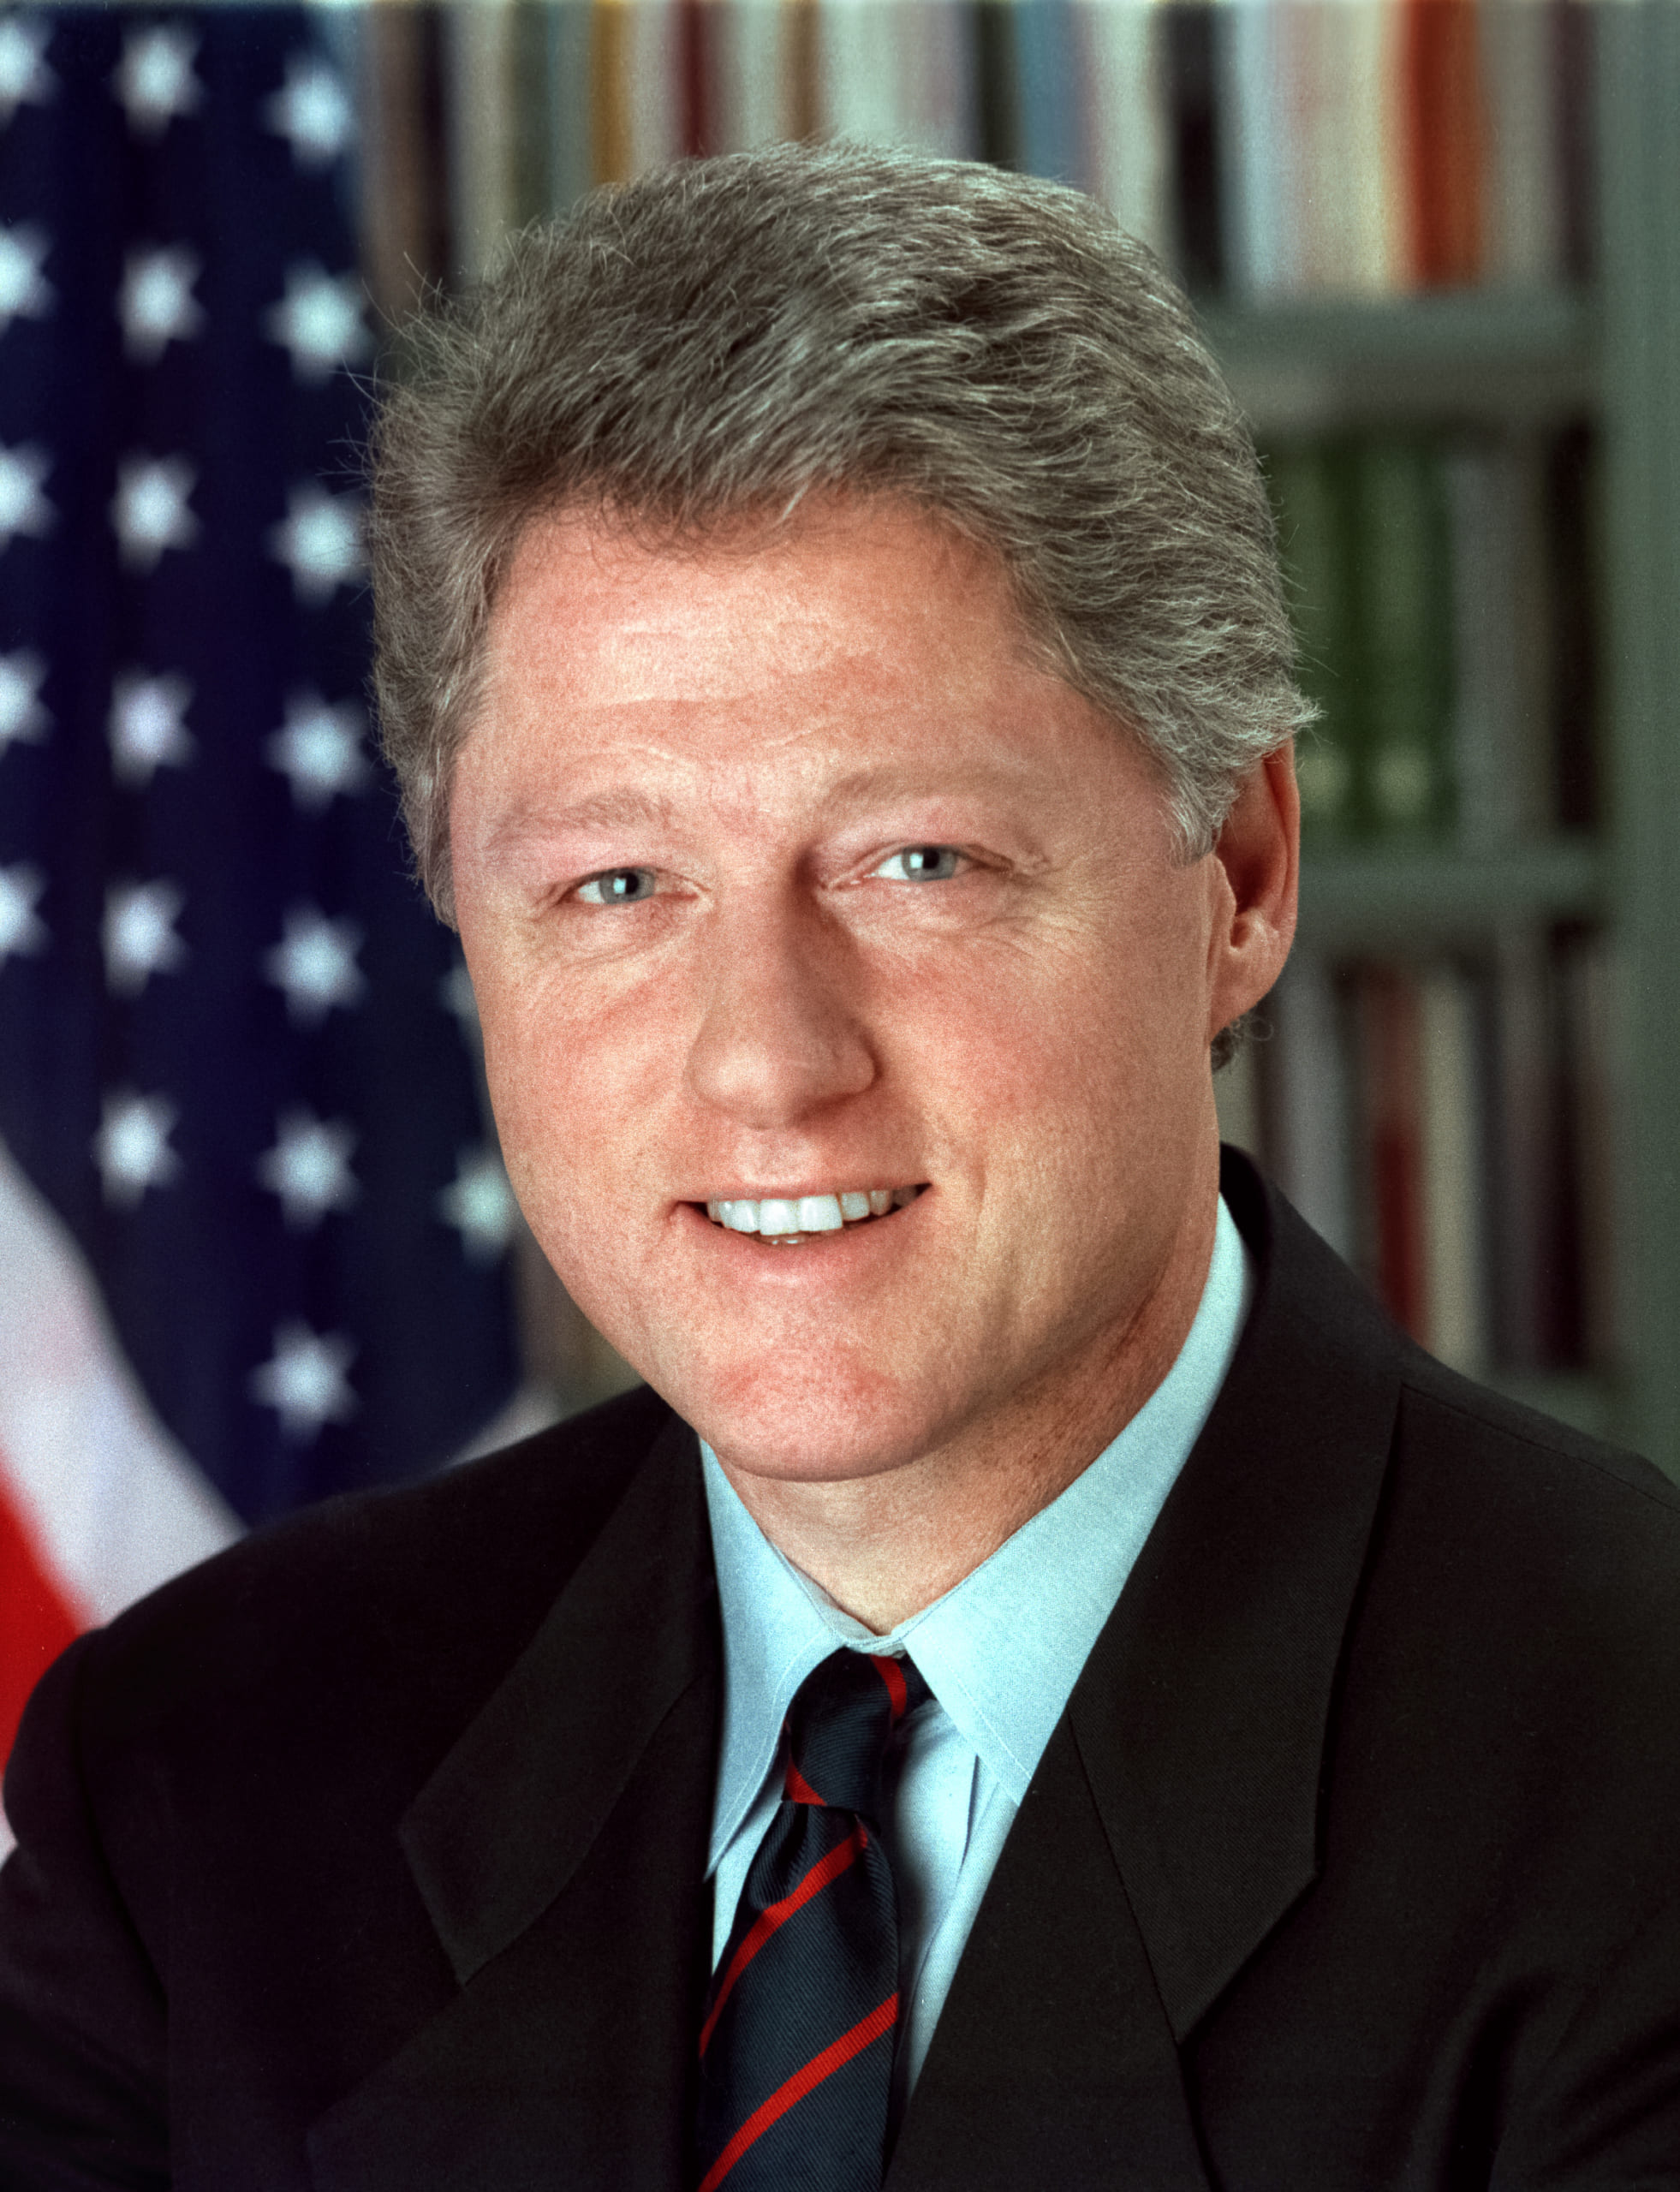 ヒラリー候補の旦那、クリントン元大統領の言い訳は田舎の中学生!<br />◆日本人はアメリカ大統領を勘違いしている⑥